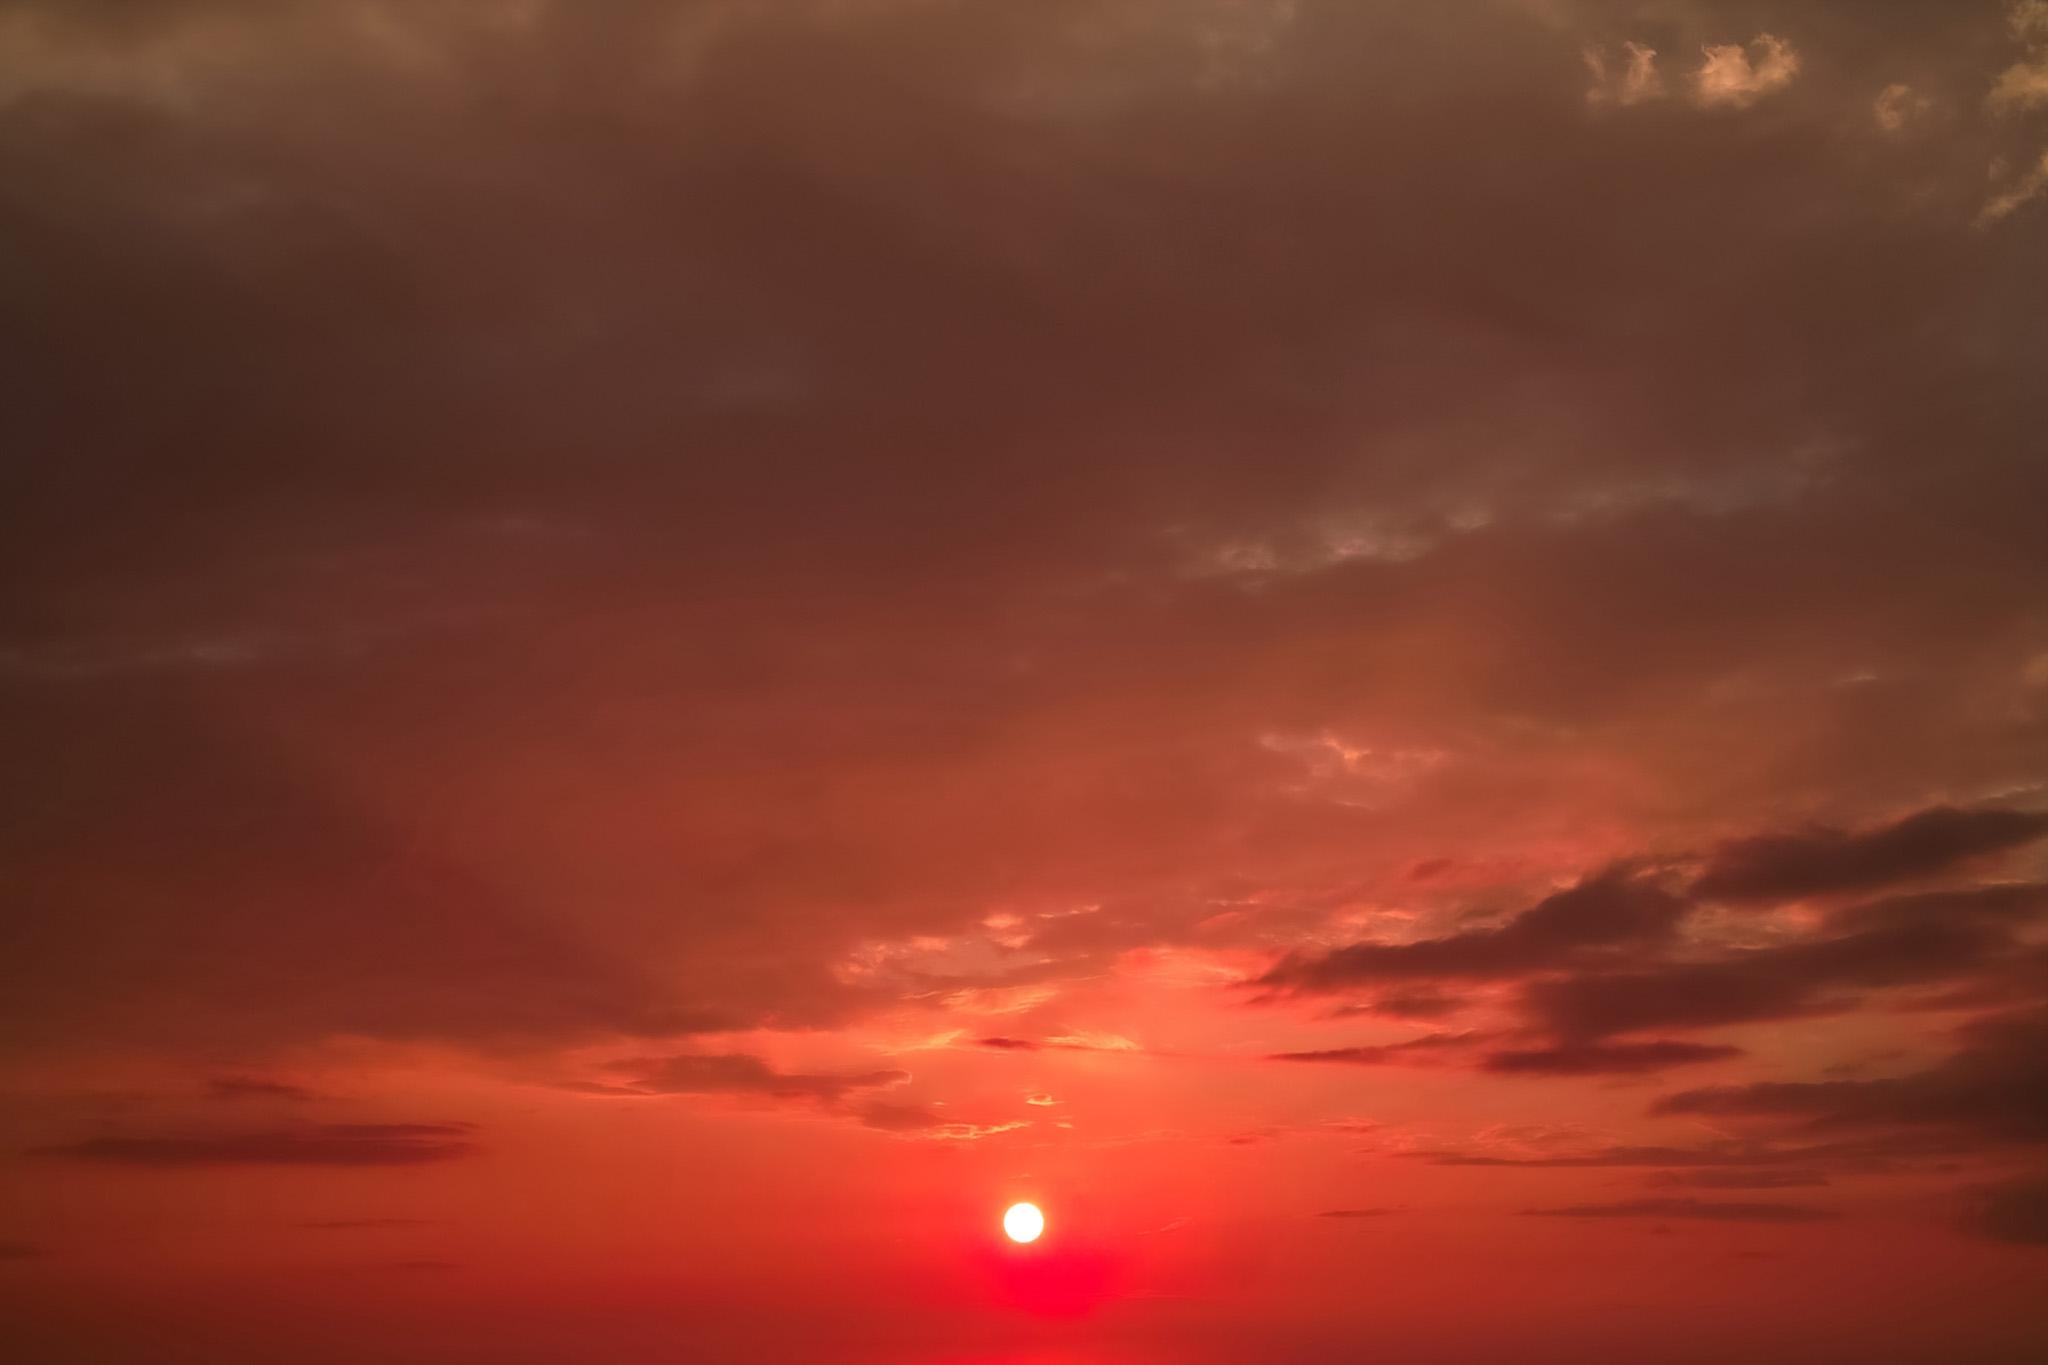 「美しい夕焼けに夕陽が沈む」